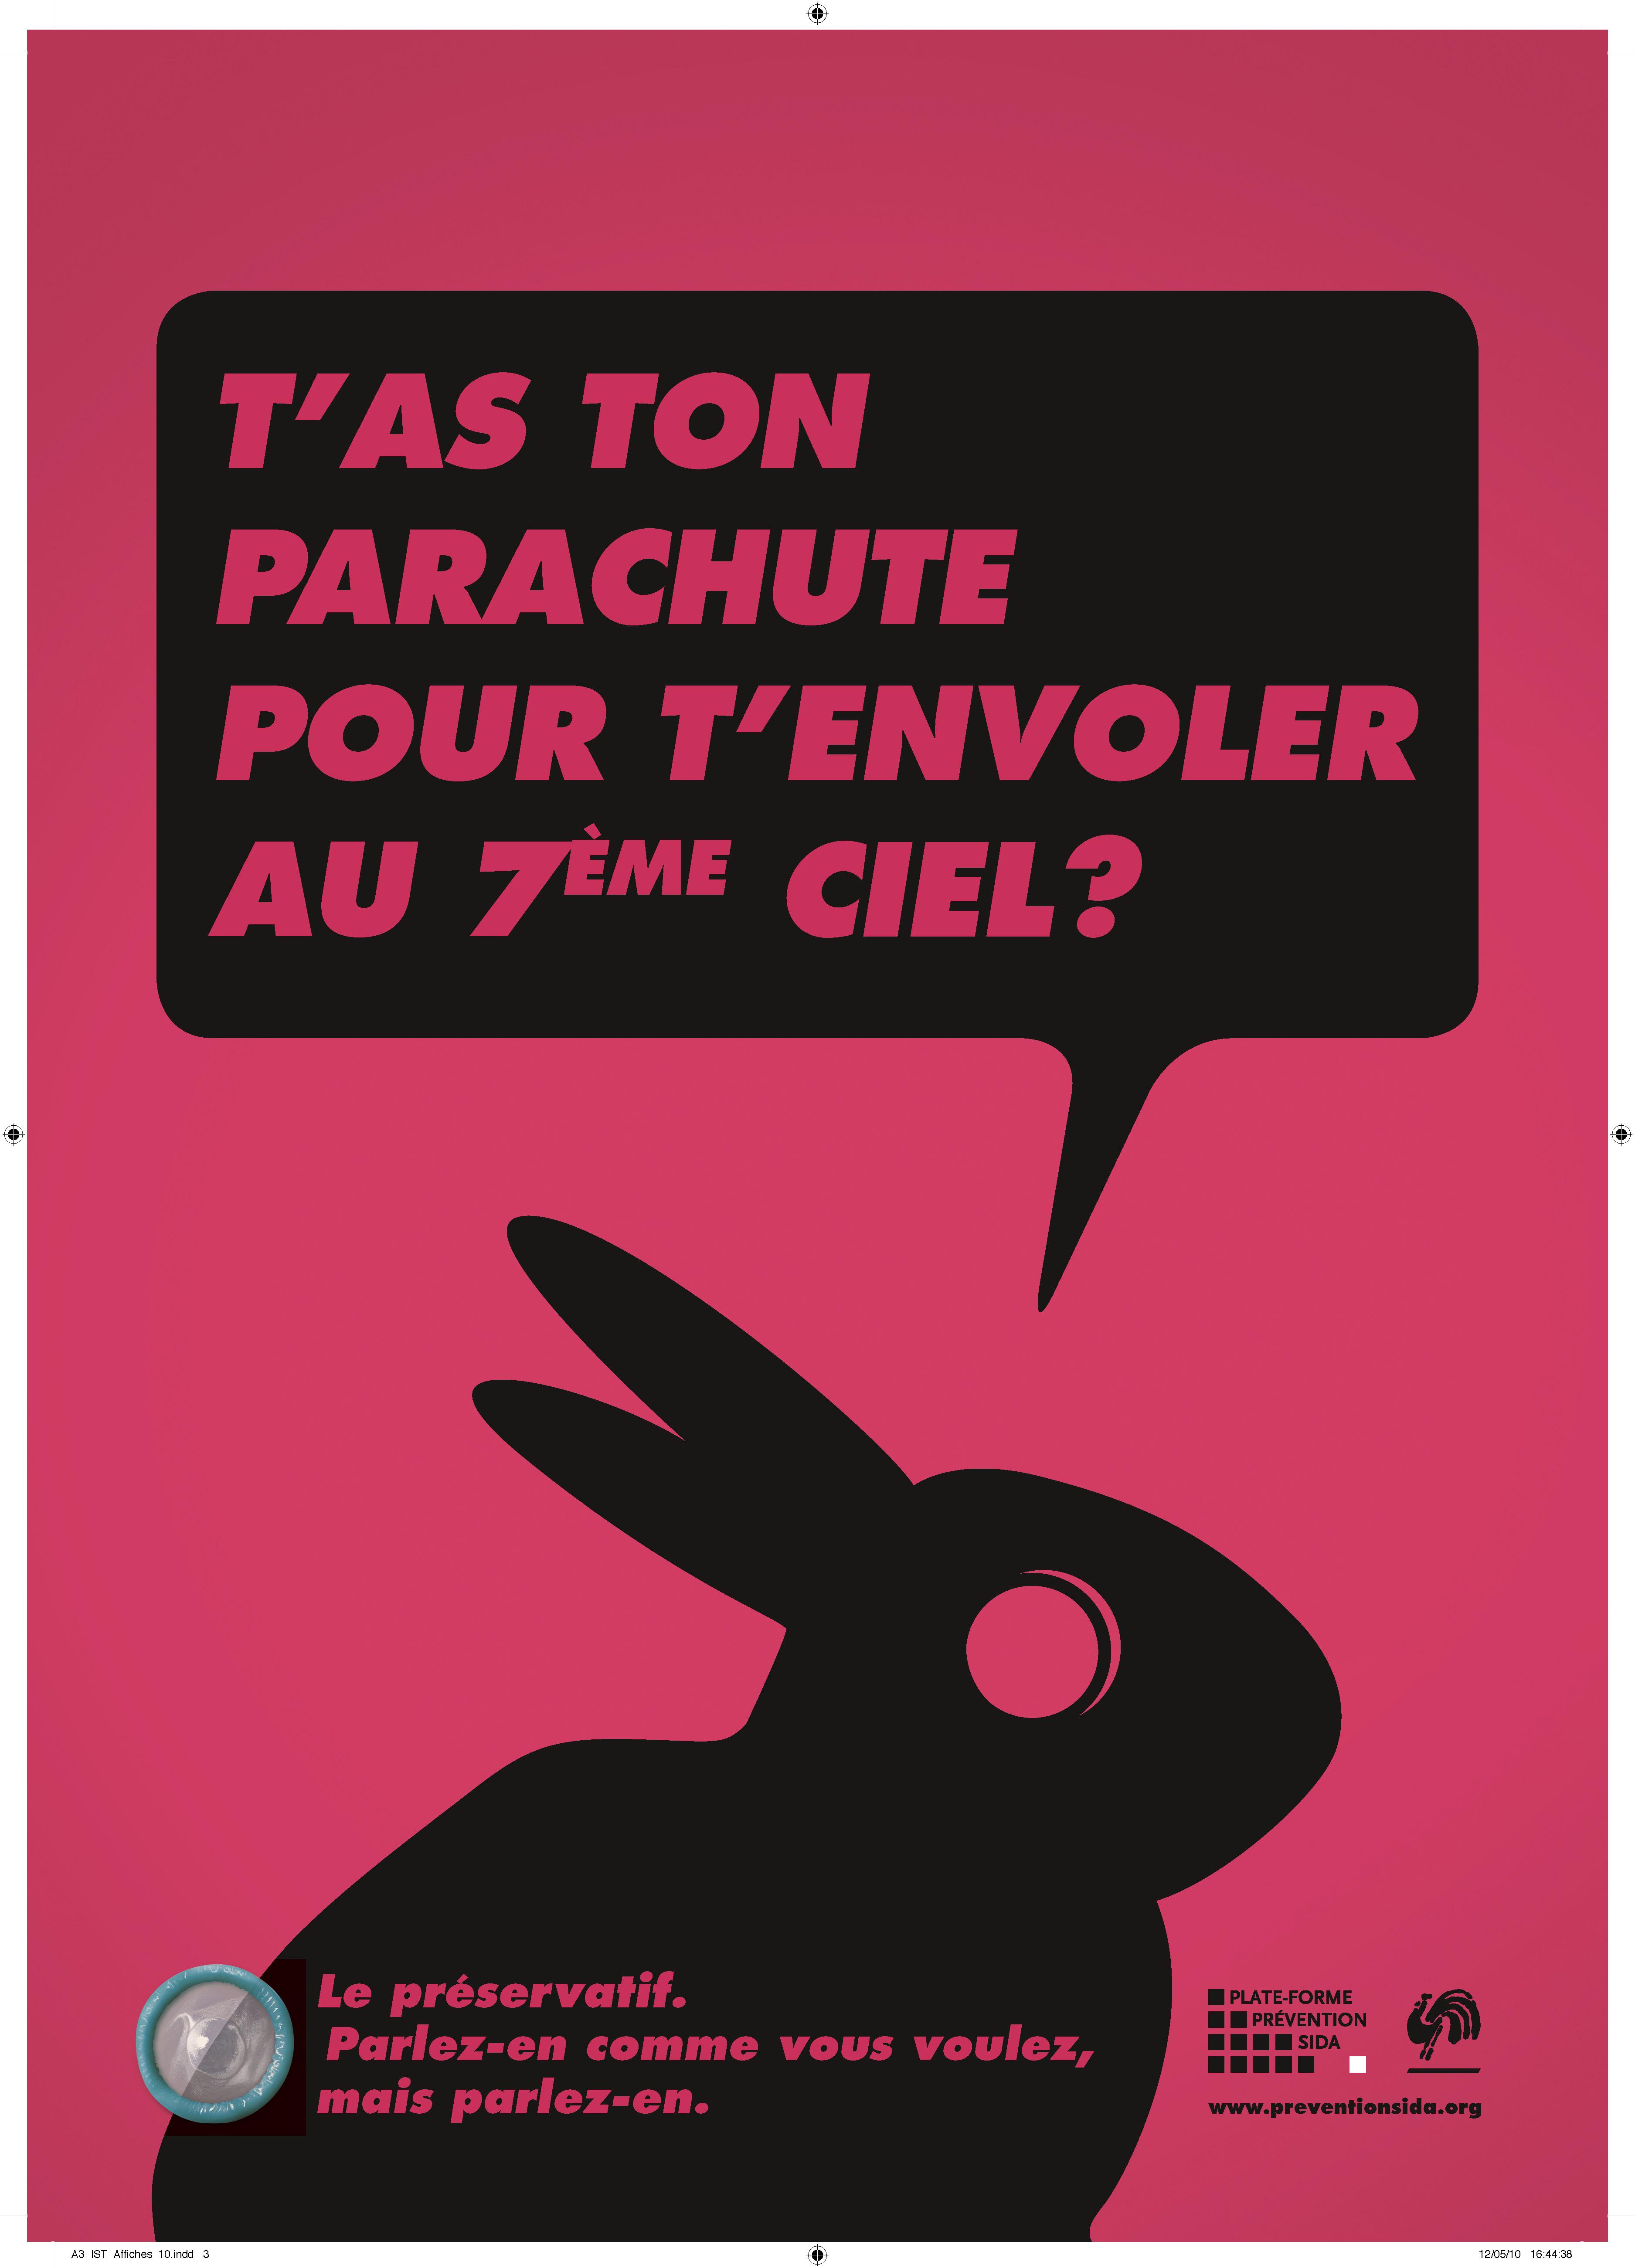 PPS_Outils_Parlezencommevousvoulez_affiches_1_Page_03